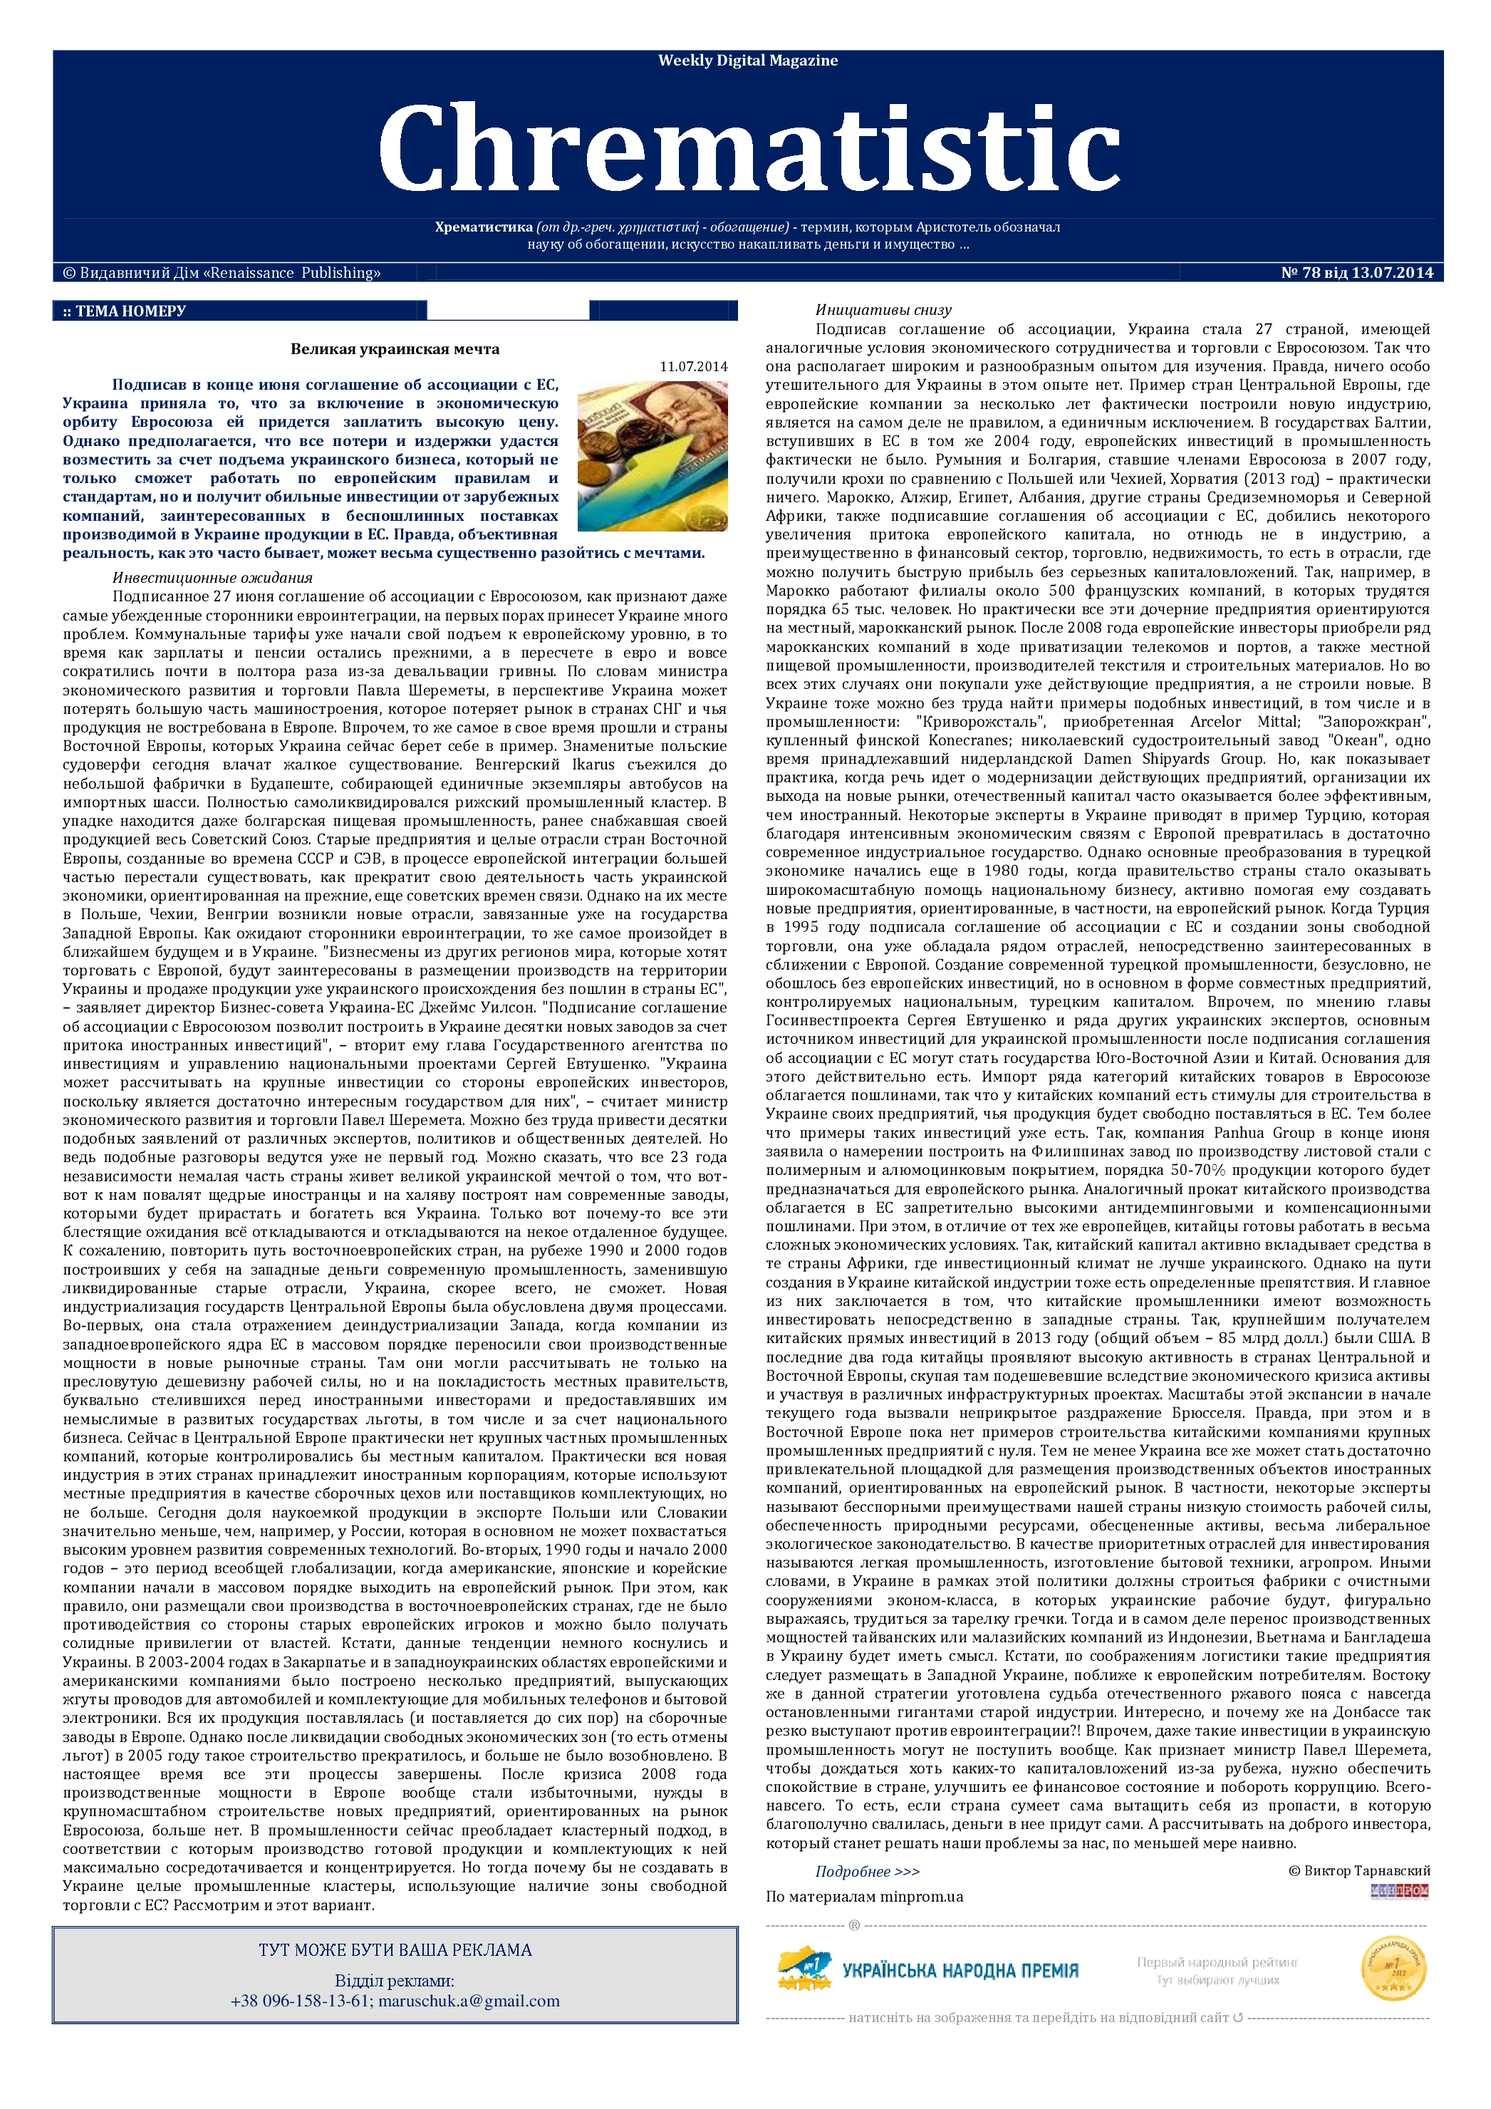 2e8ed87a8e8d Calaméo - №78 Wdm «Chrematistic» от 13 07 2014